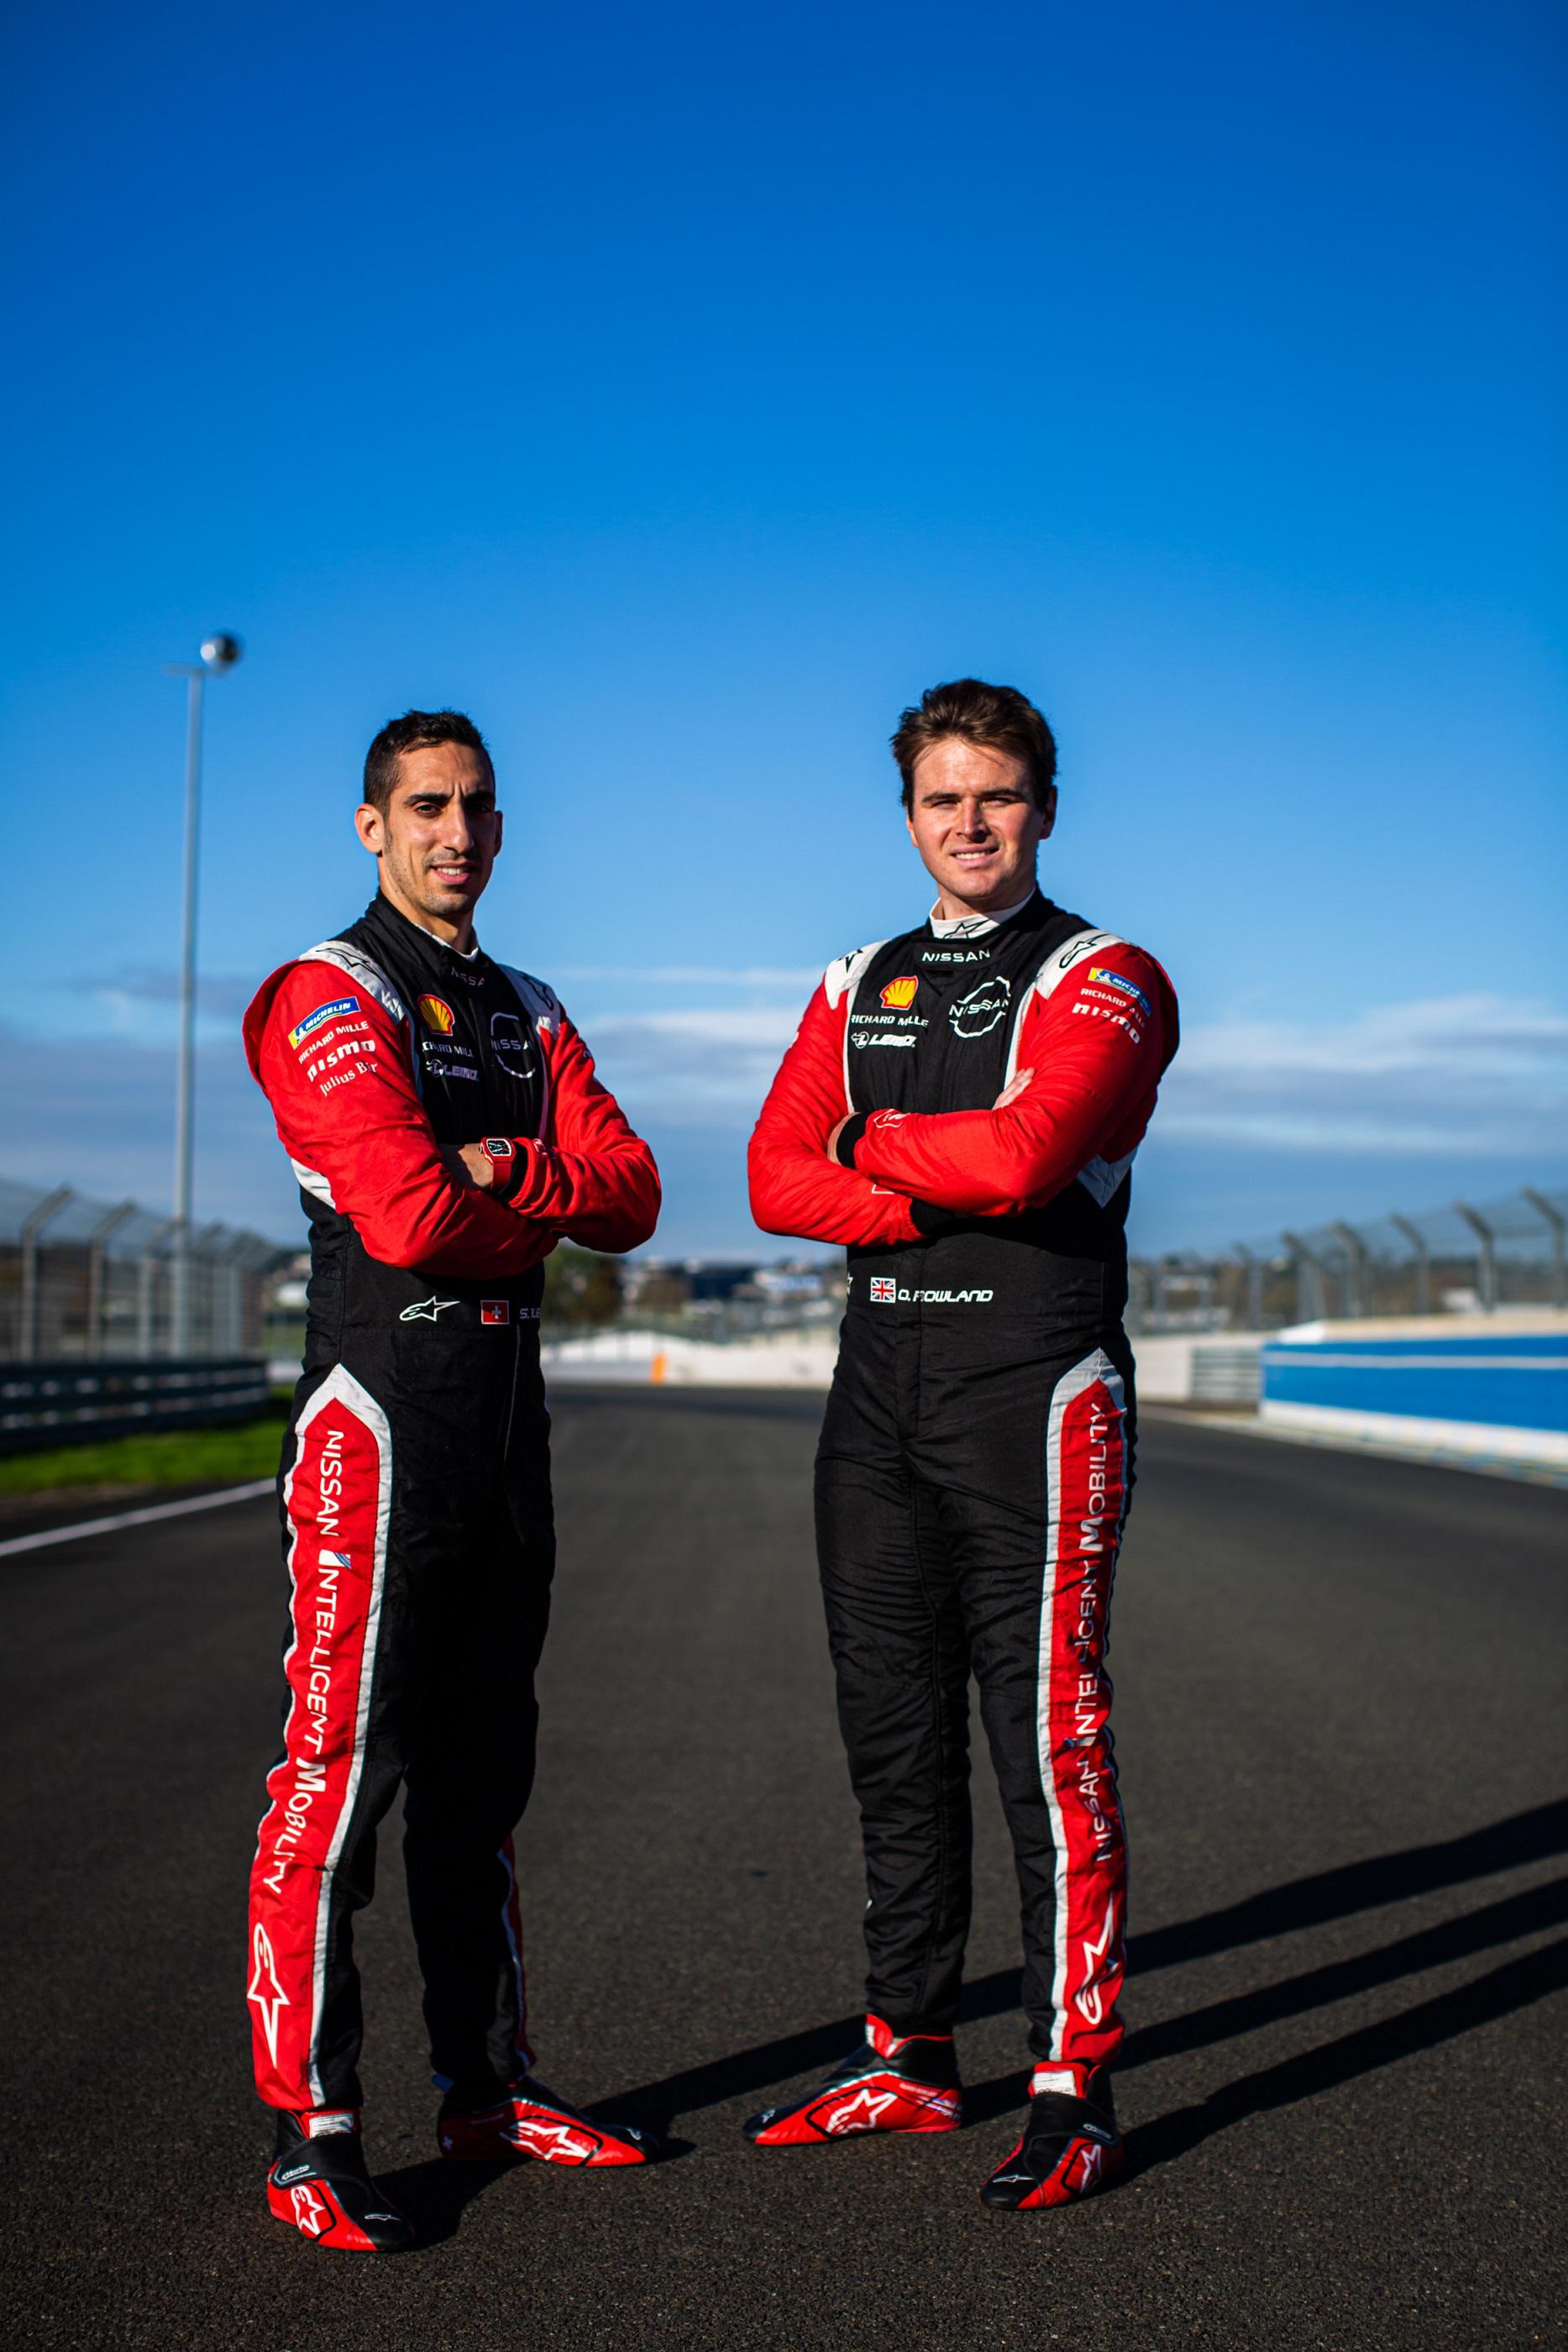 فريق نيسان - فورمولا إي